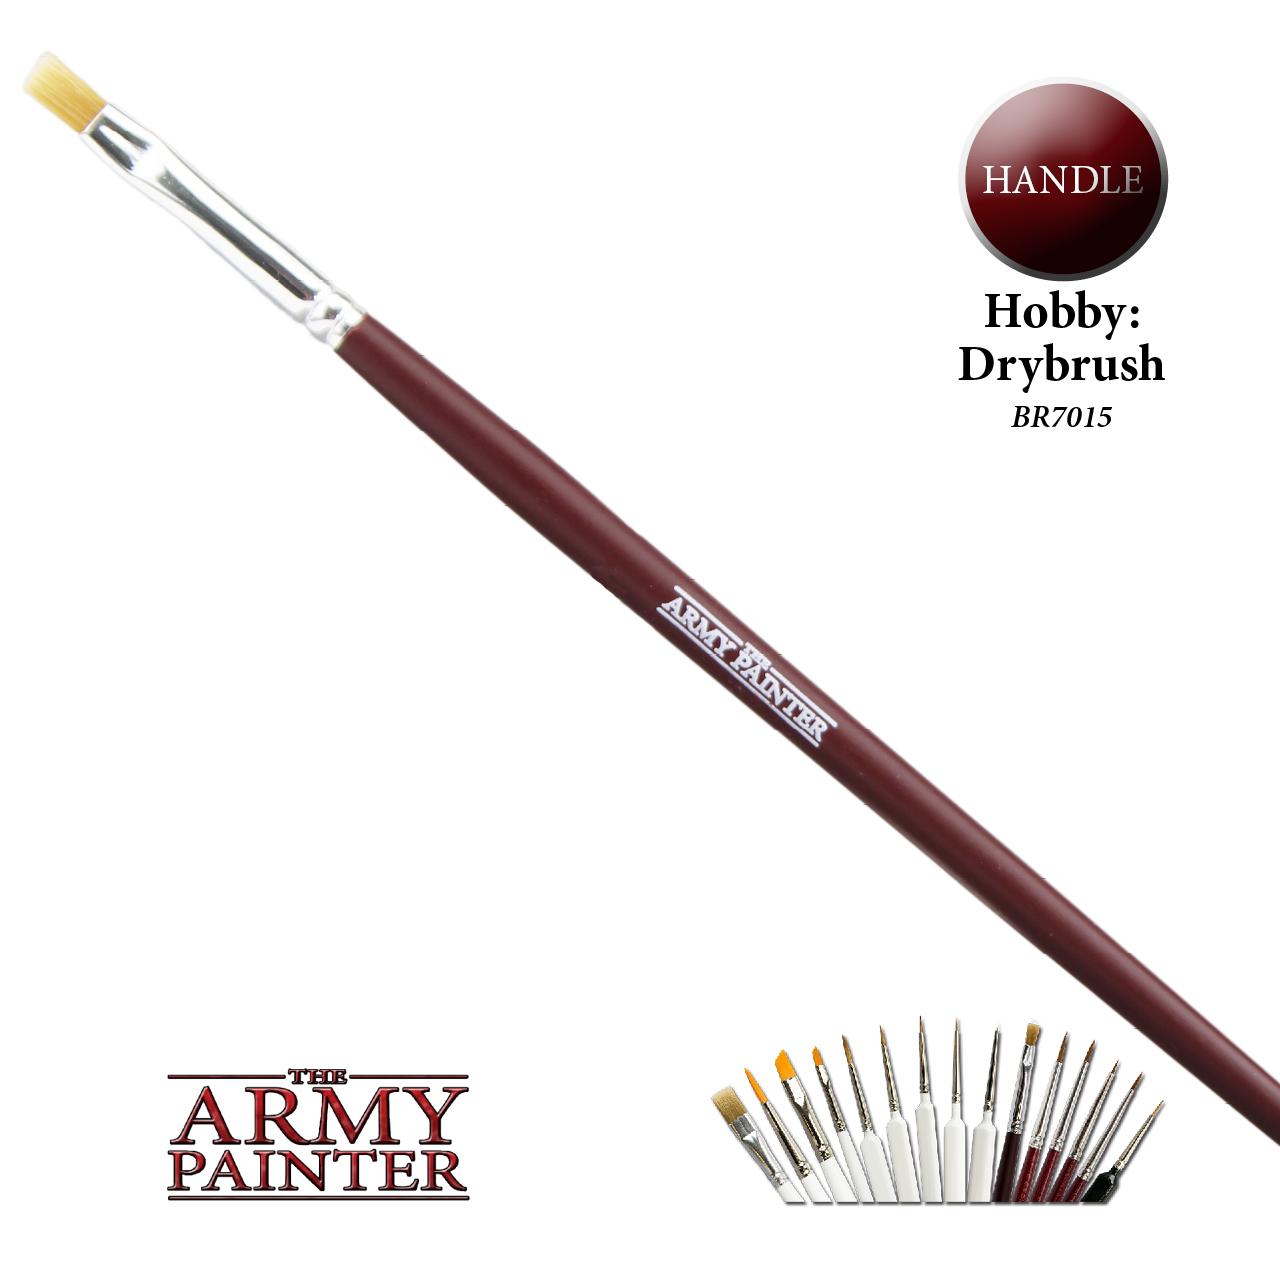 Army Painter Hobby Drybrush image